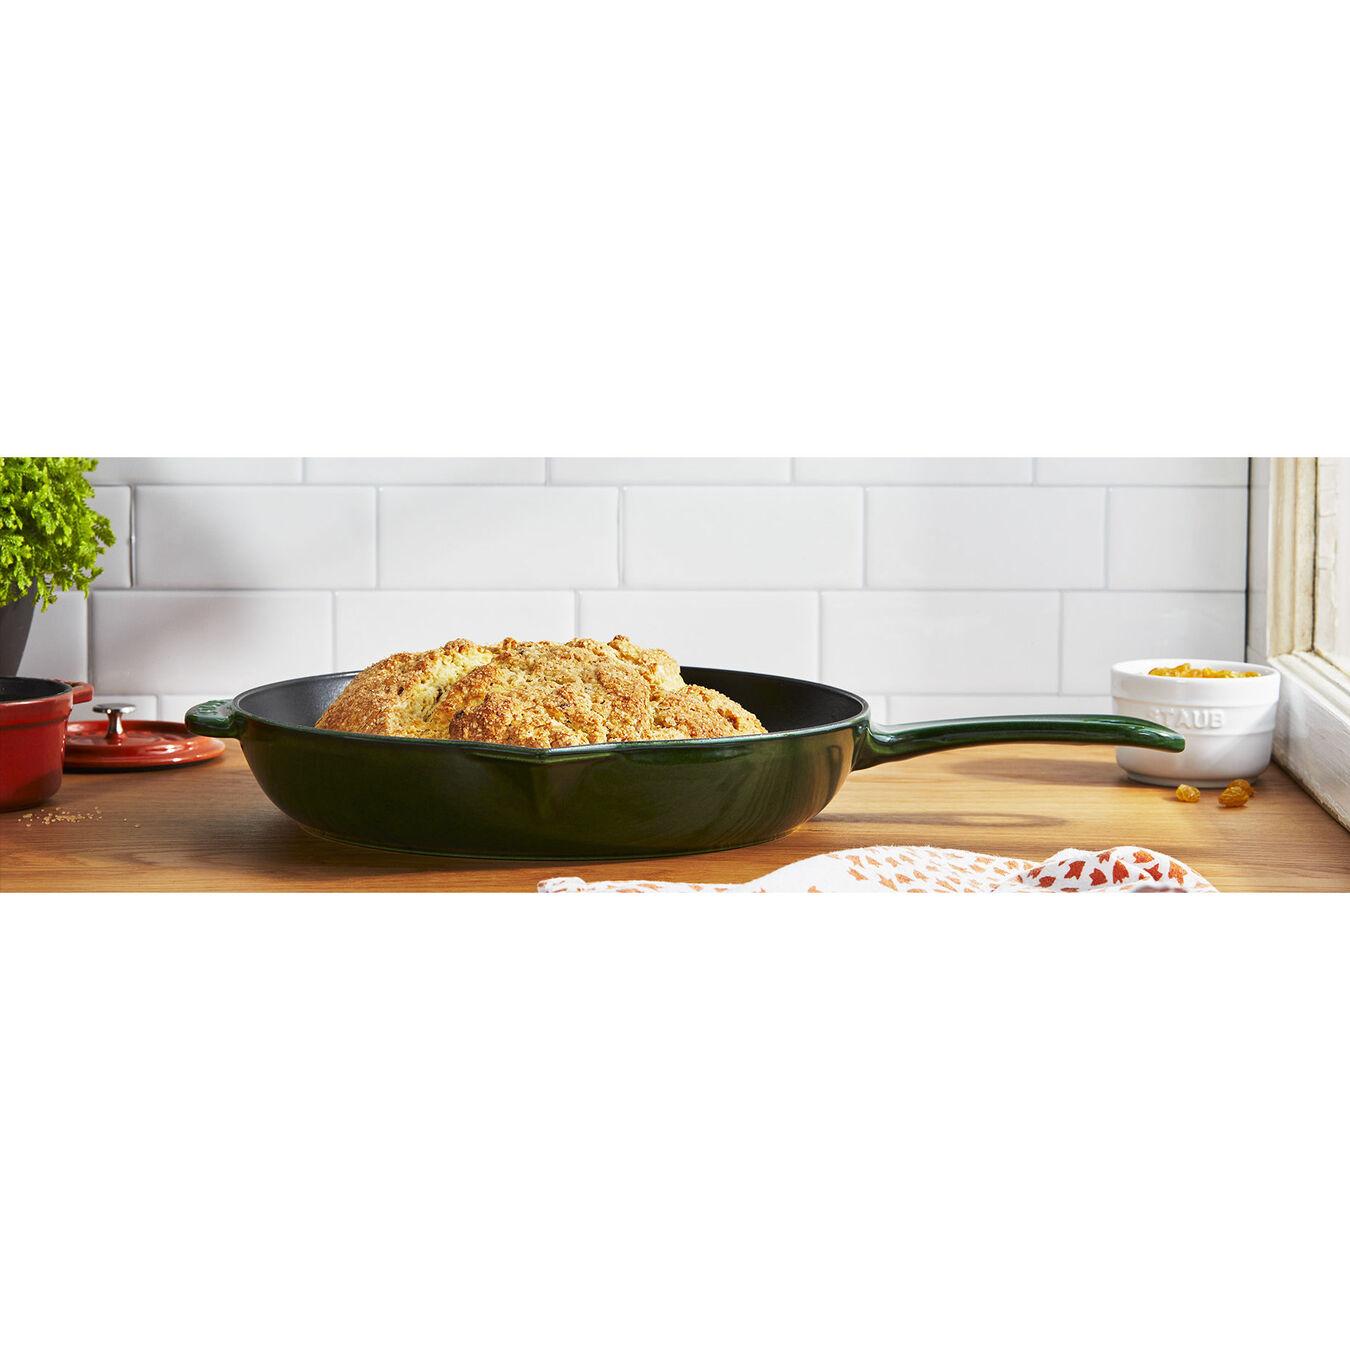 12-inch Fry Pan - Basil,,large 3